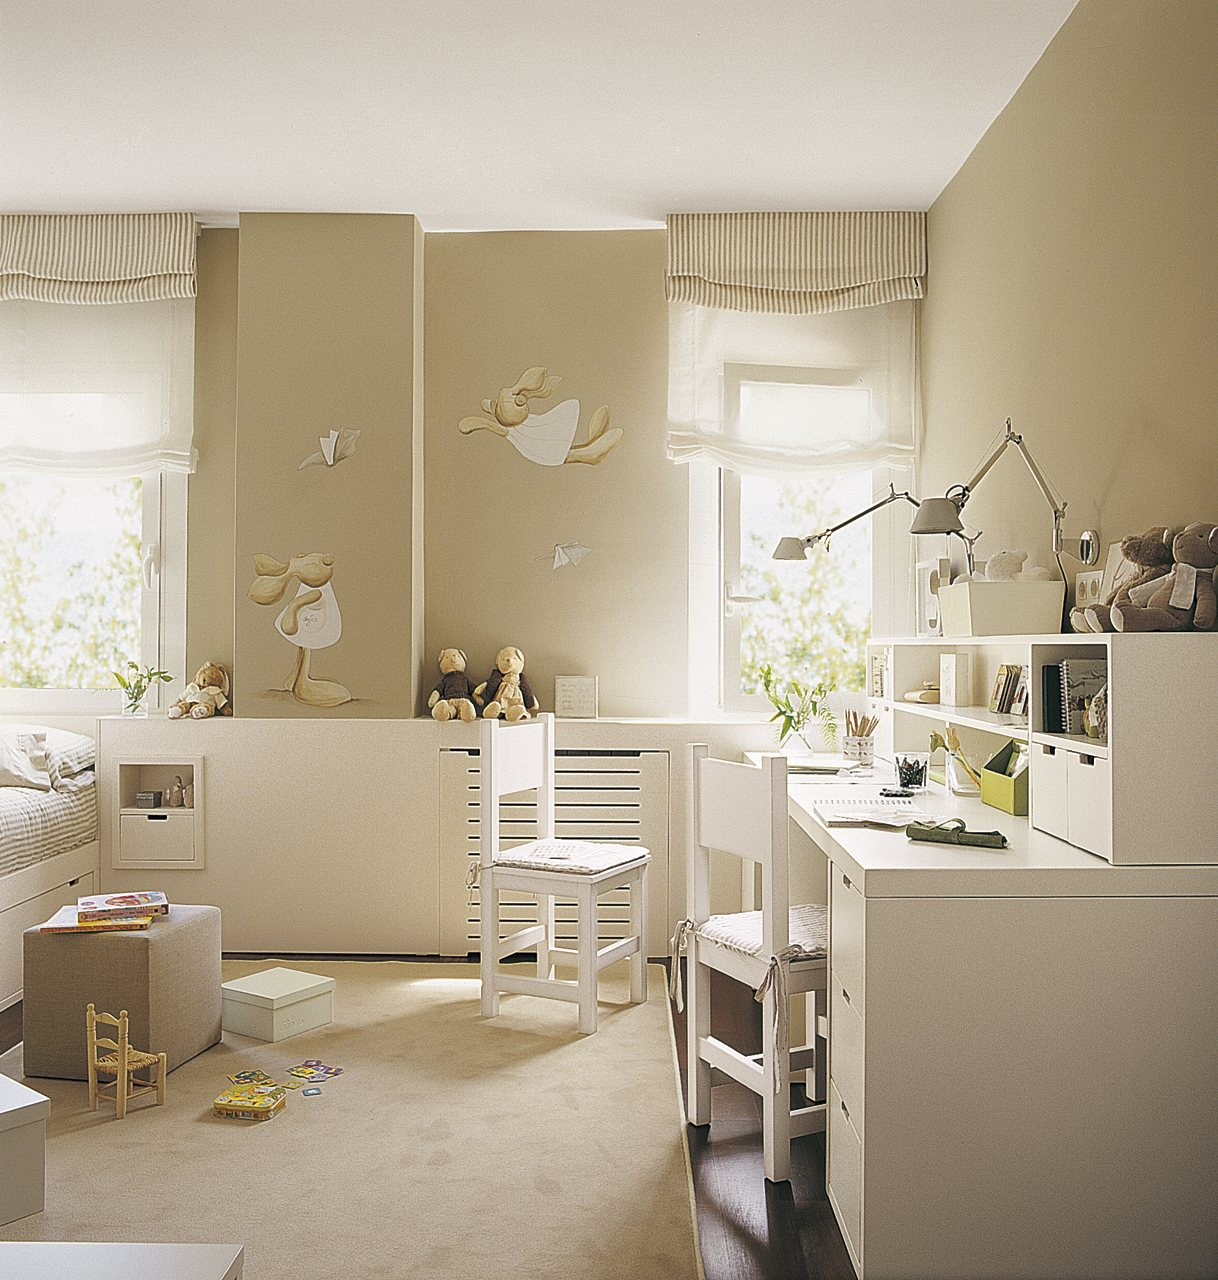 Cinco habitaciones de ni os solucionadas a medida - Decoracion habitacion estudio ...